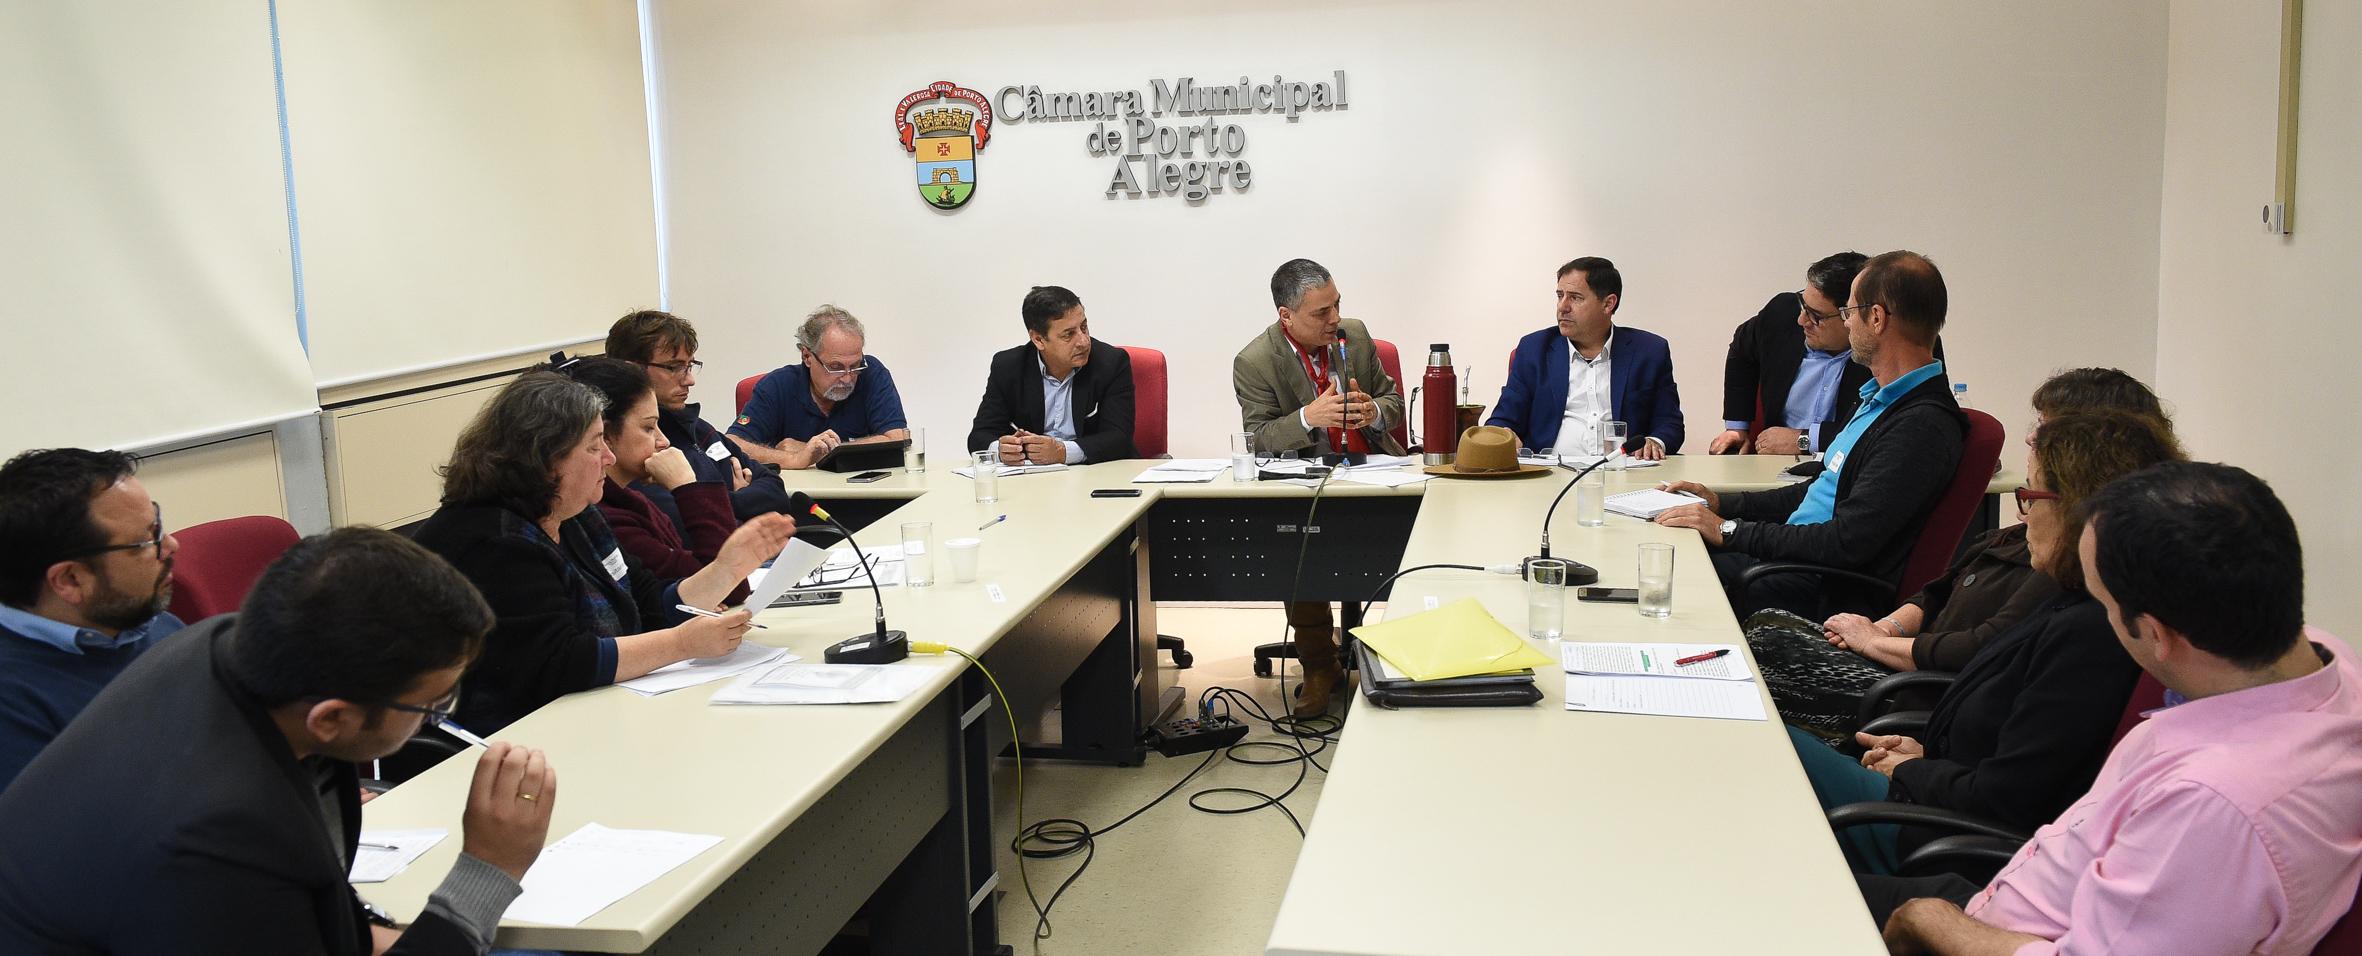 Comissão das feiras se reuniu na manhã desta quinta-feira